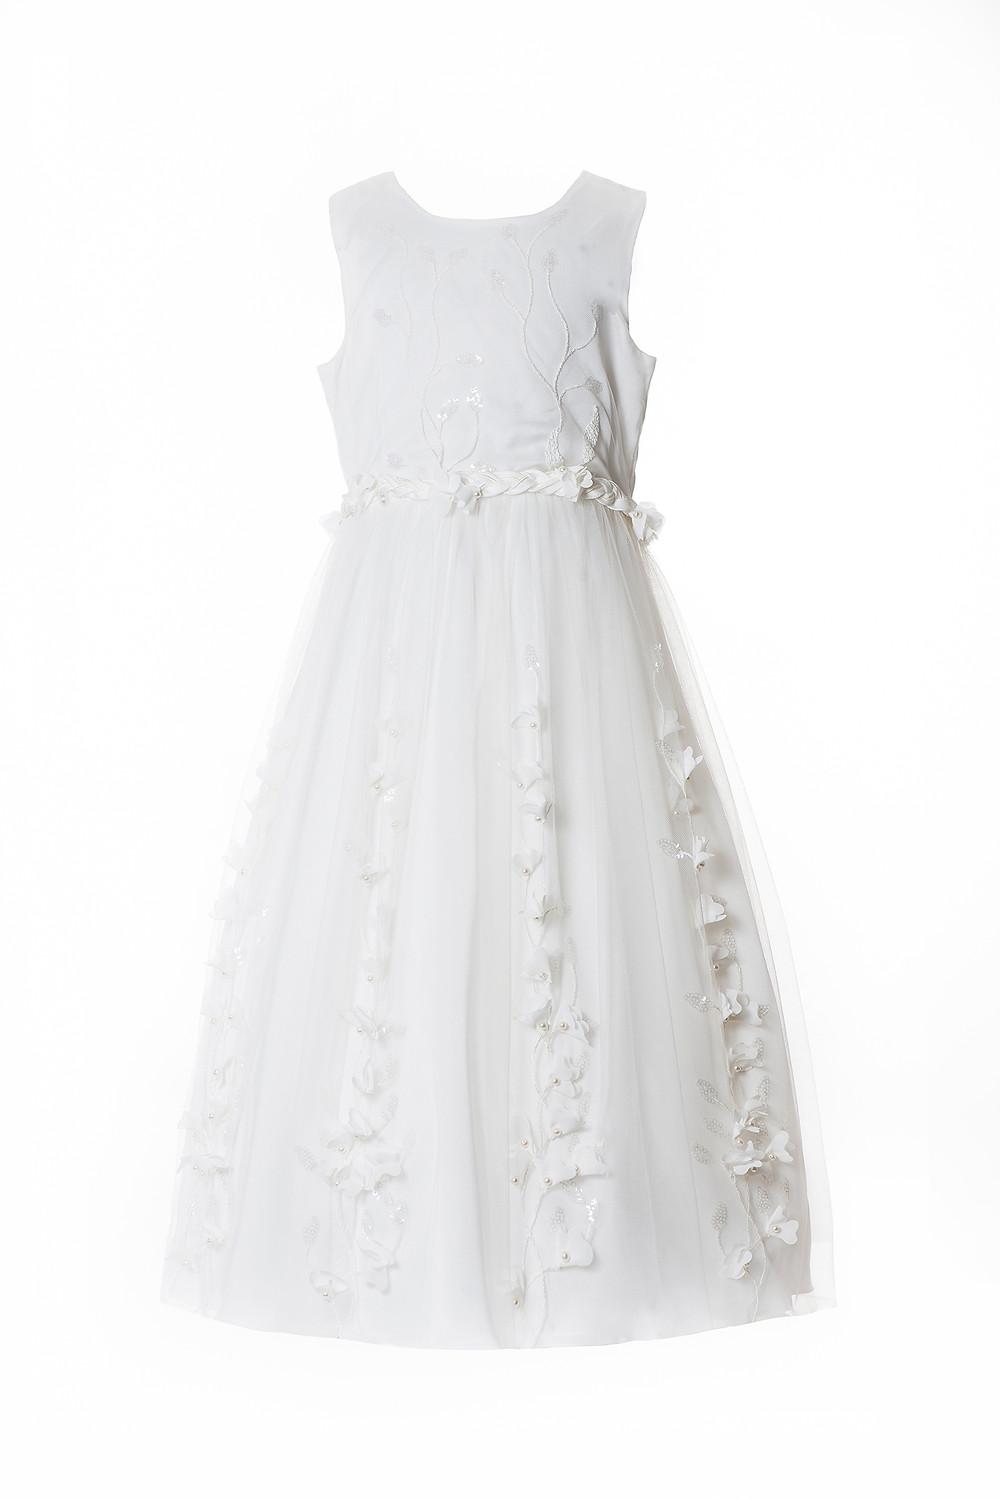 white flower girl dress removable train